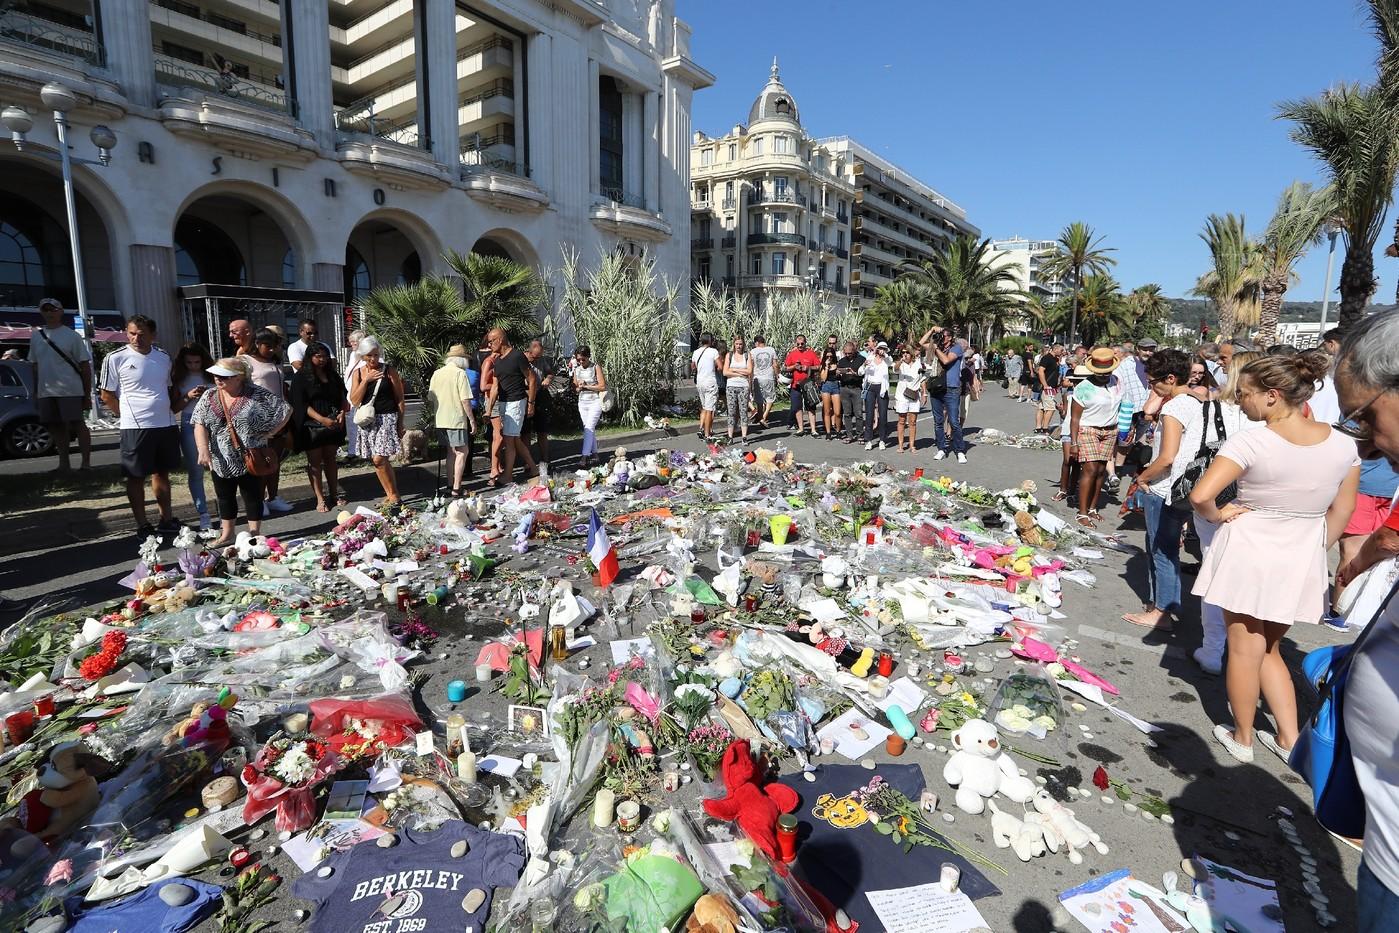 Des gens rassemblés devant le mémorial pour les victimes de l'attentat de Nice, le 17 juillet 2016  / AFP